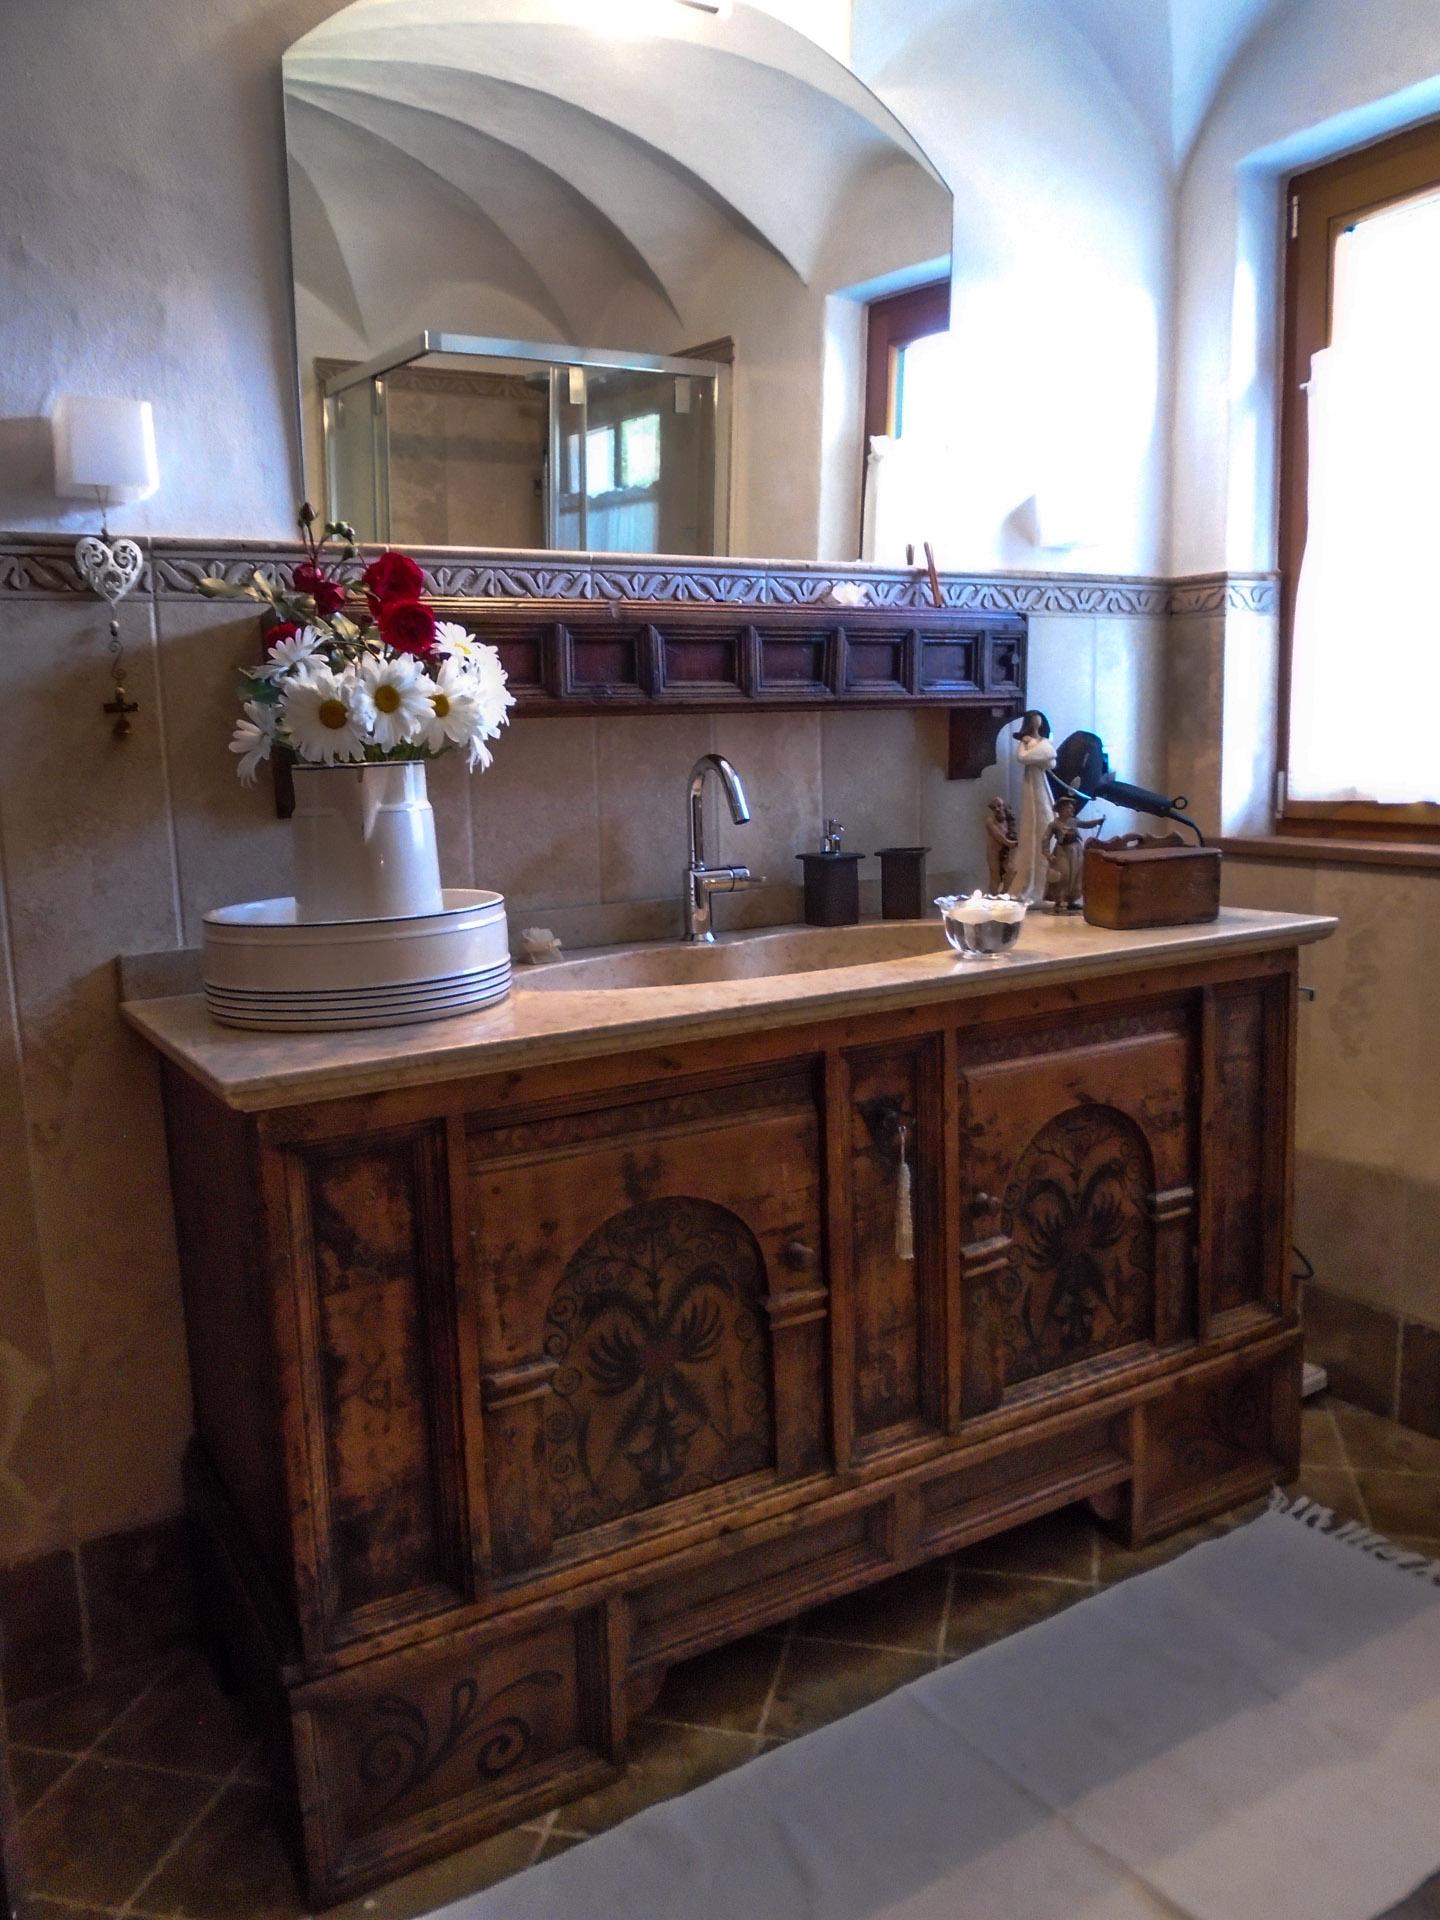 I nostri arredi soluzioni per mobili antichi e moderni for Arredare casa moderna con mobili antichi